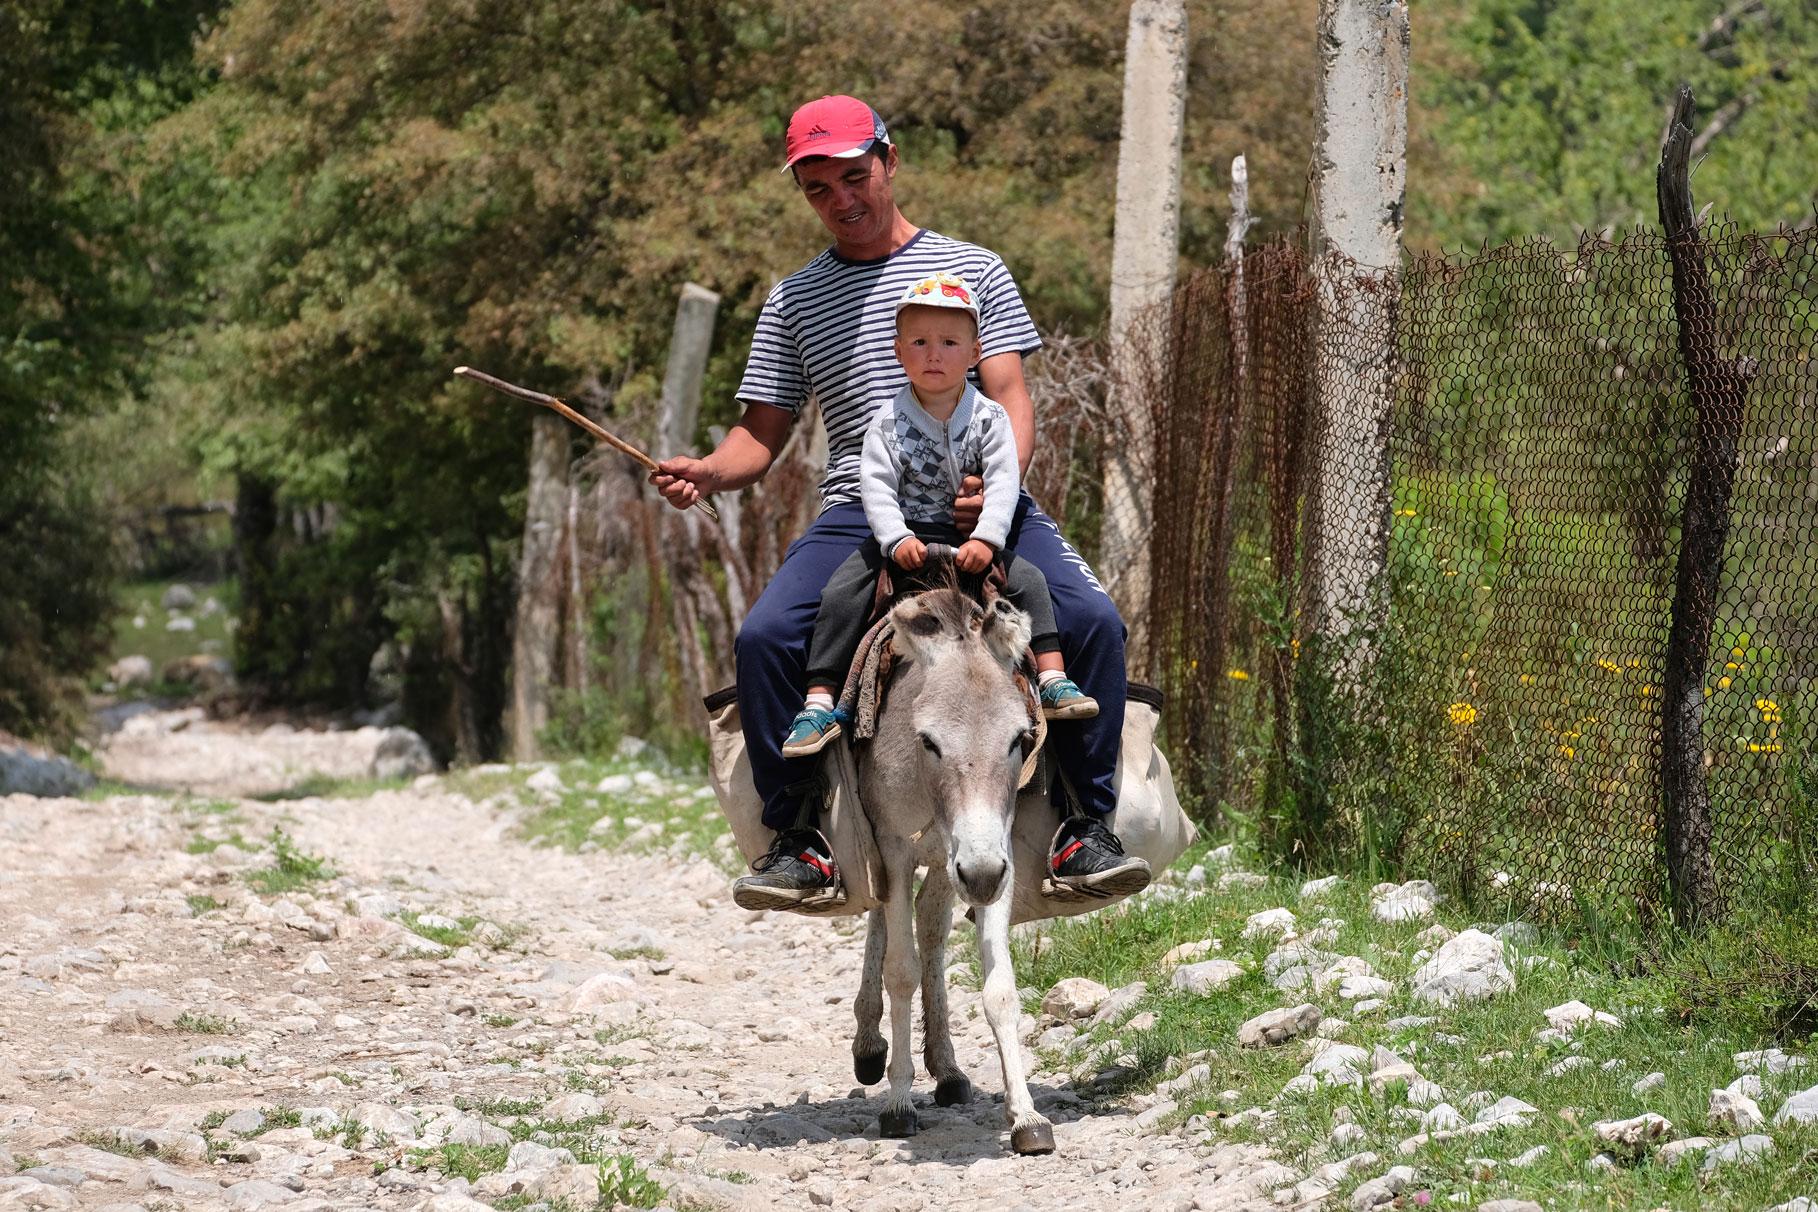 Ein Mann und ein Junge reiten auf einem Esel.